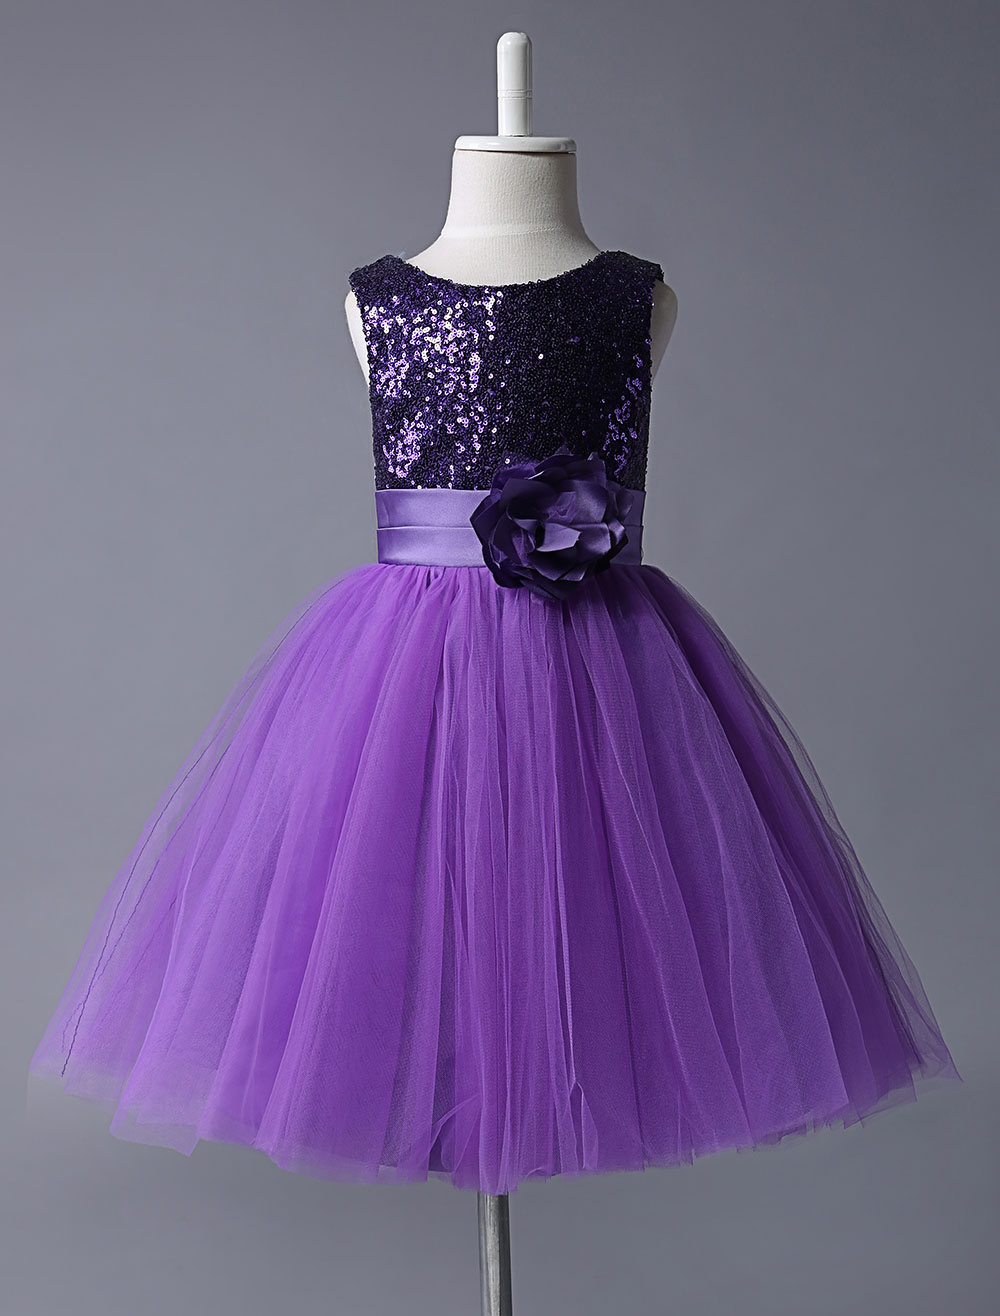 715cf76d754 Purple Flower Girl Dresses Sequined Bodice Tulle Tutu Dress Sleeveless  Flower Sash Short Kids Party Dress - Milanoo.com